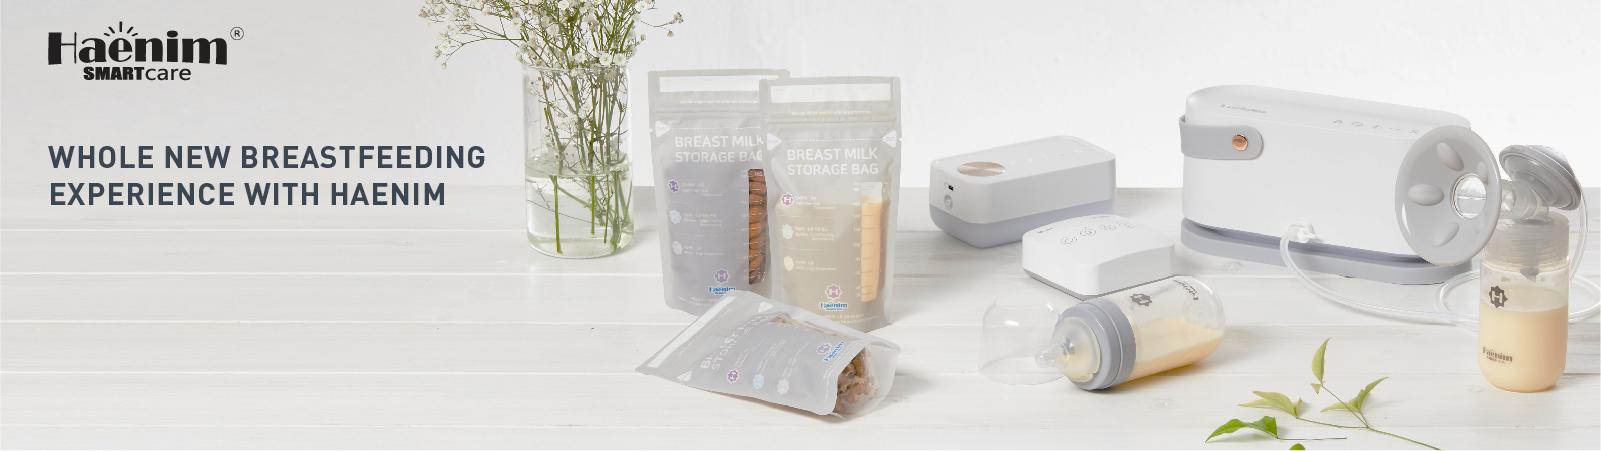 Haenim NexusFit™ 7X Breast Pump: The most compact and light hospital grade breast pump